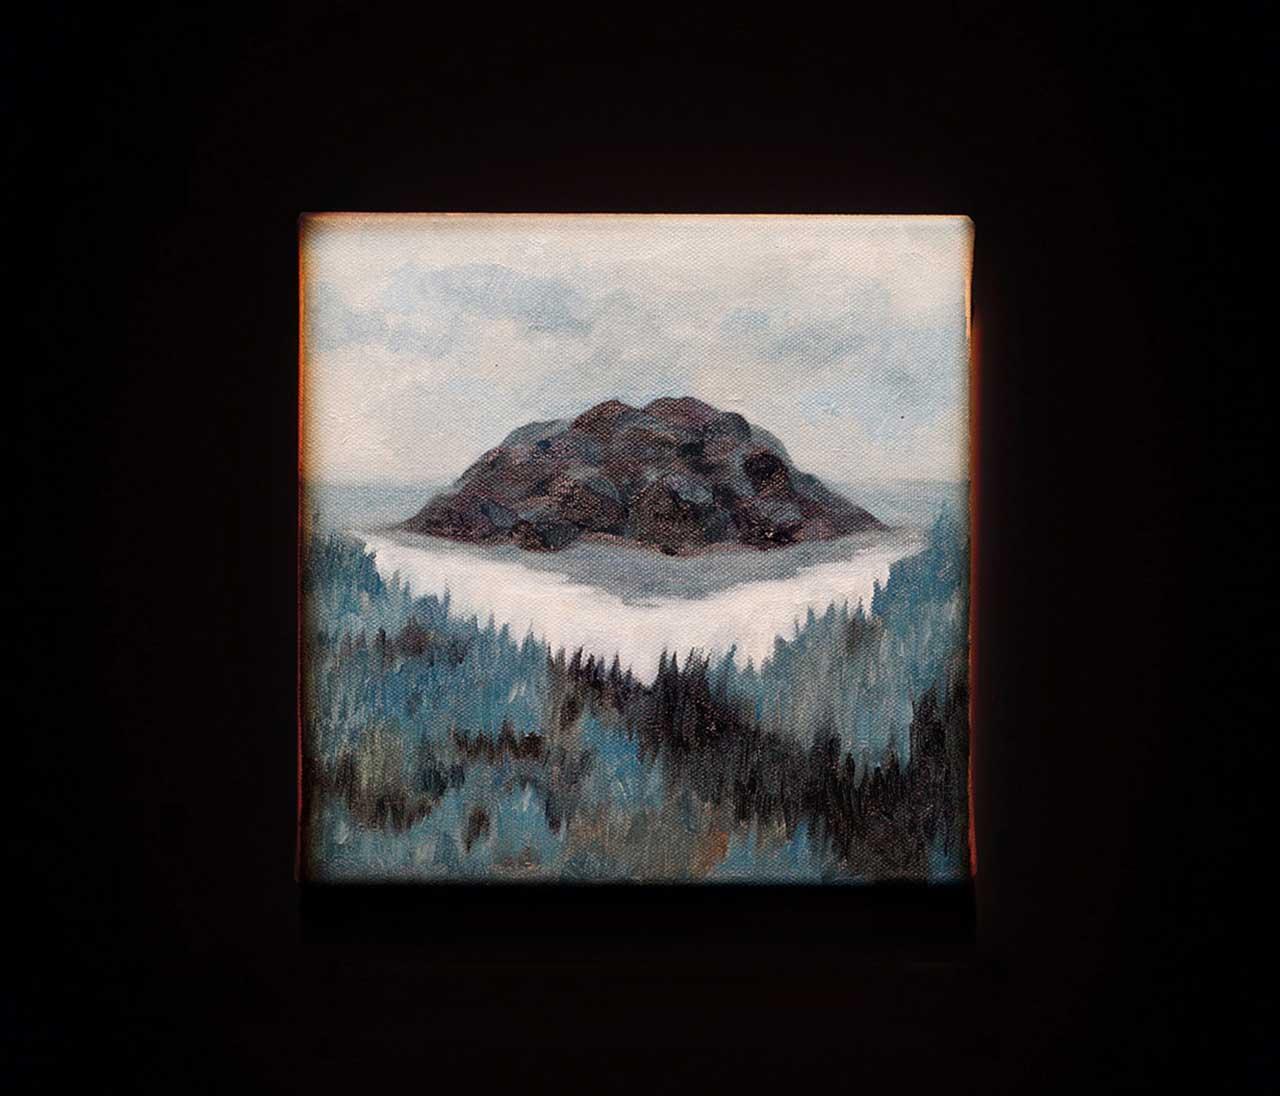 铁甲元帅-岛/湖 油彩、画布 20x20cm